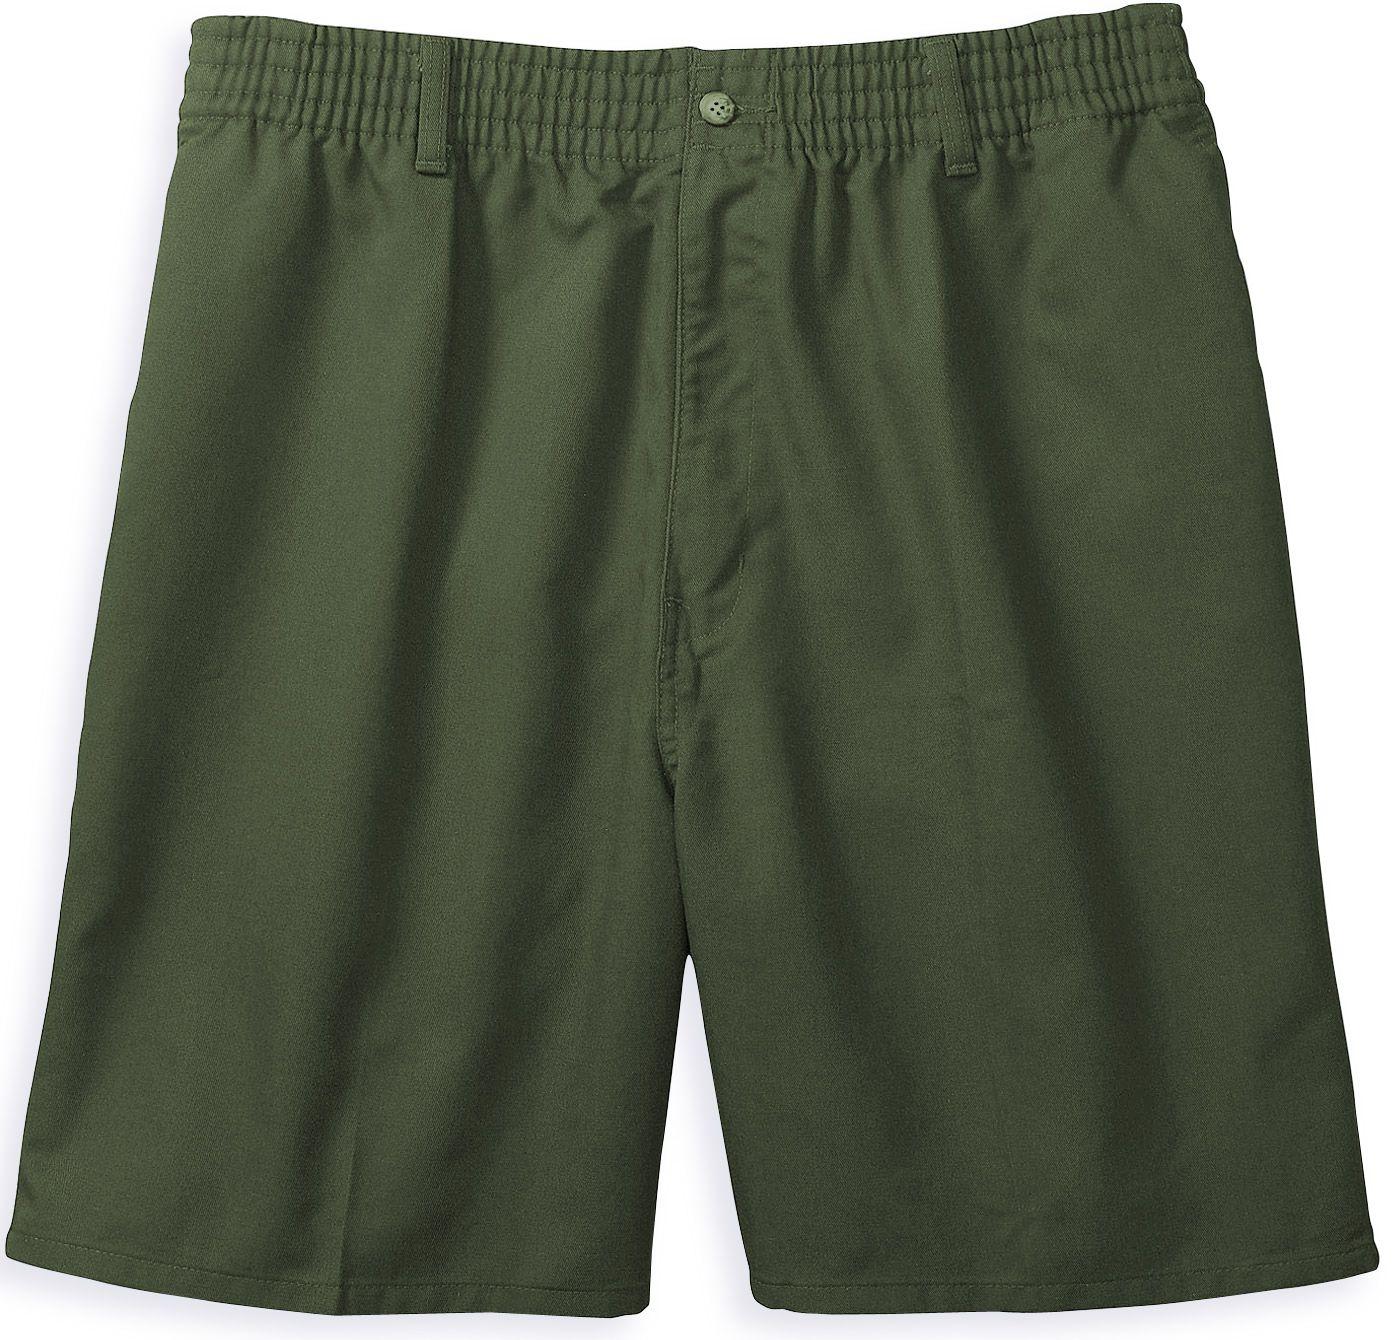 Harbor Bay Men's Elastic Waist Shorts - Big & Tall